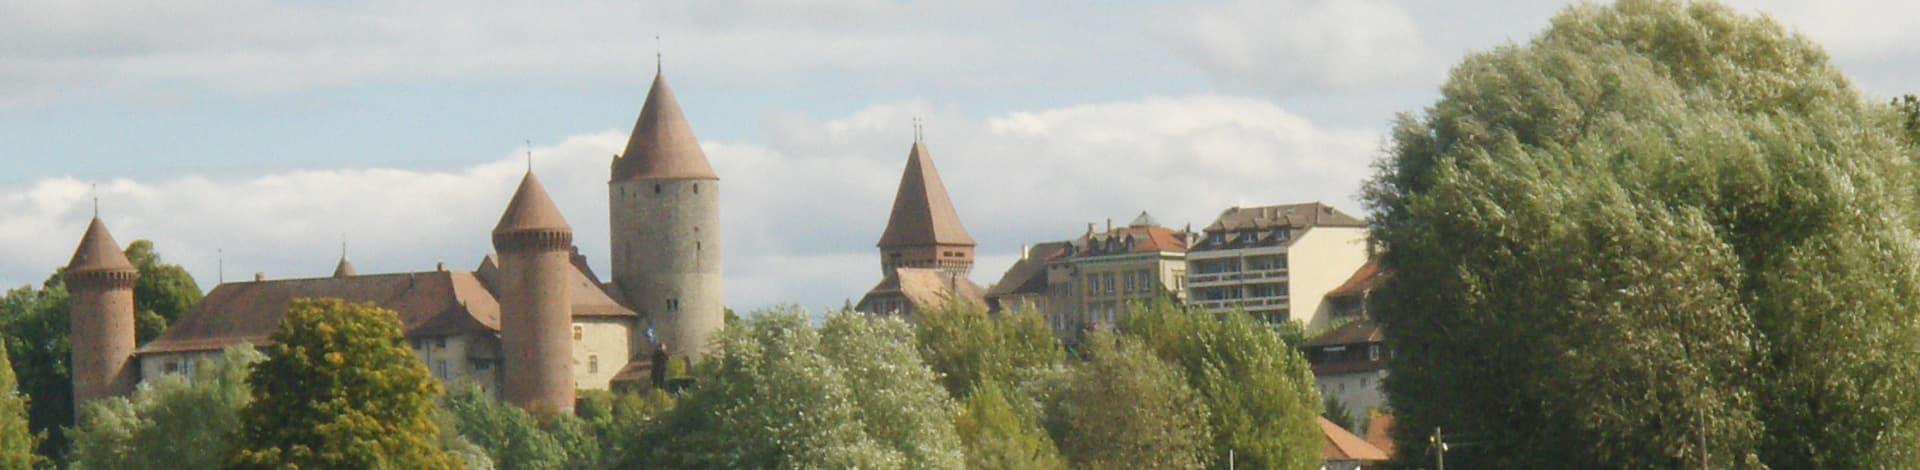 Aussicht auf Schloss und Wald, Region La Broye-Nord Vaudois